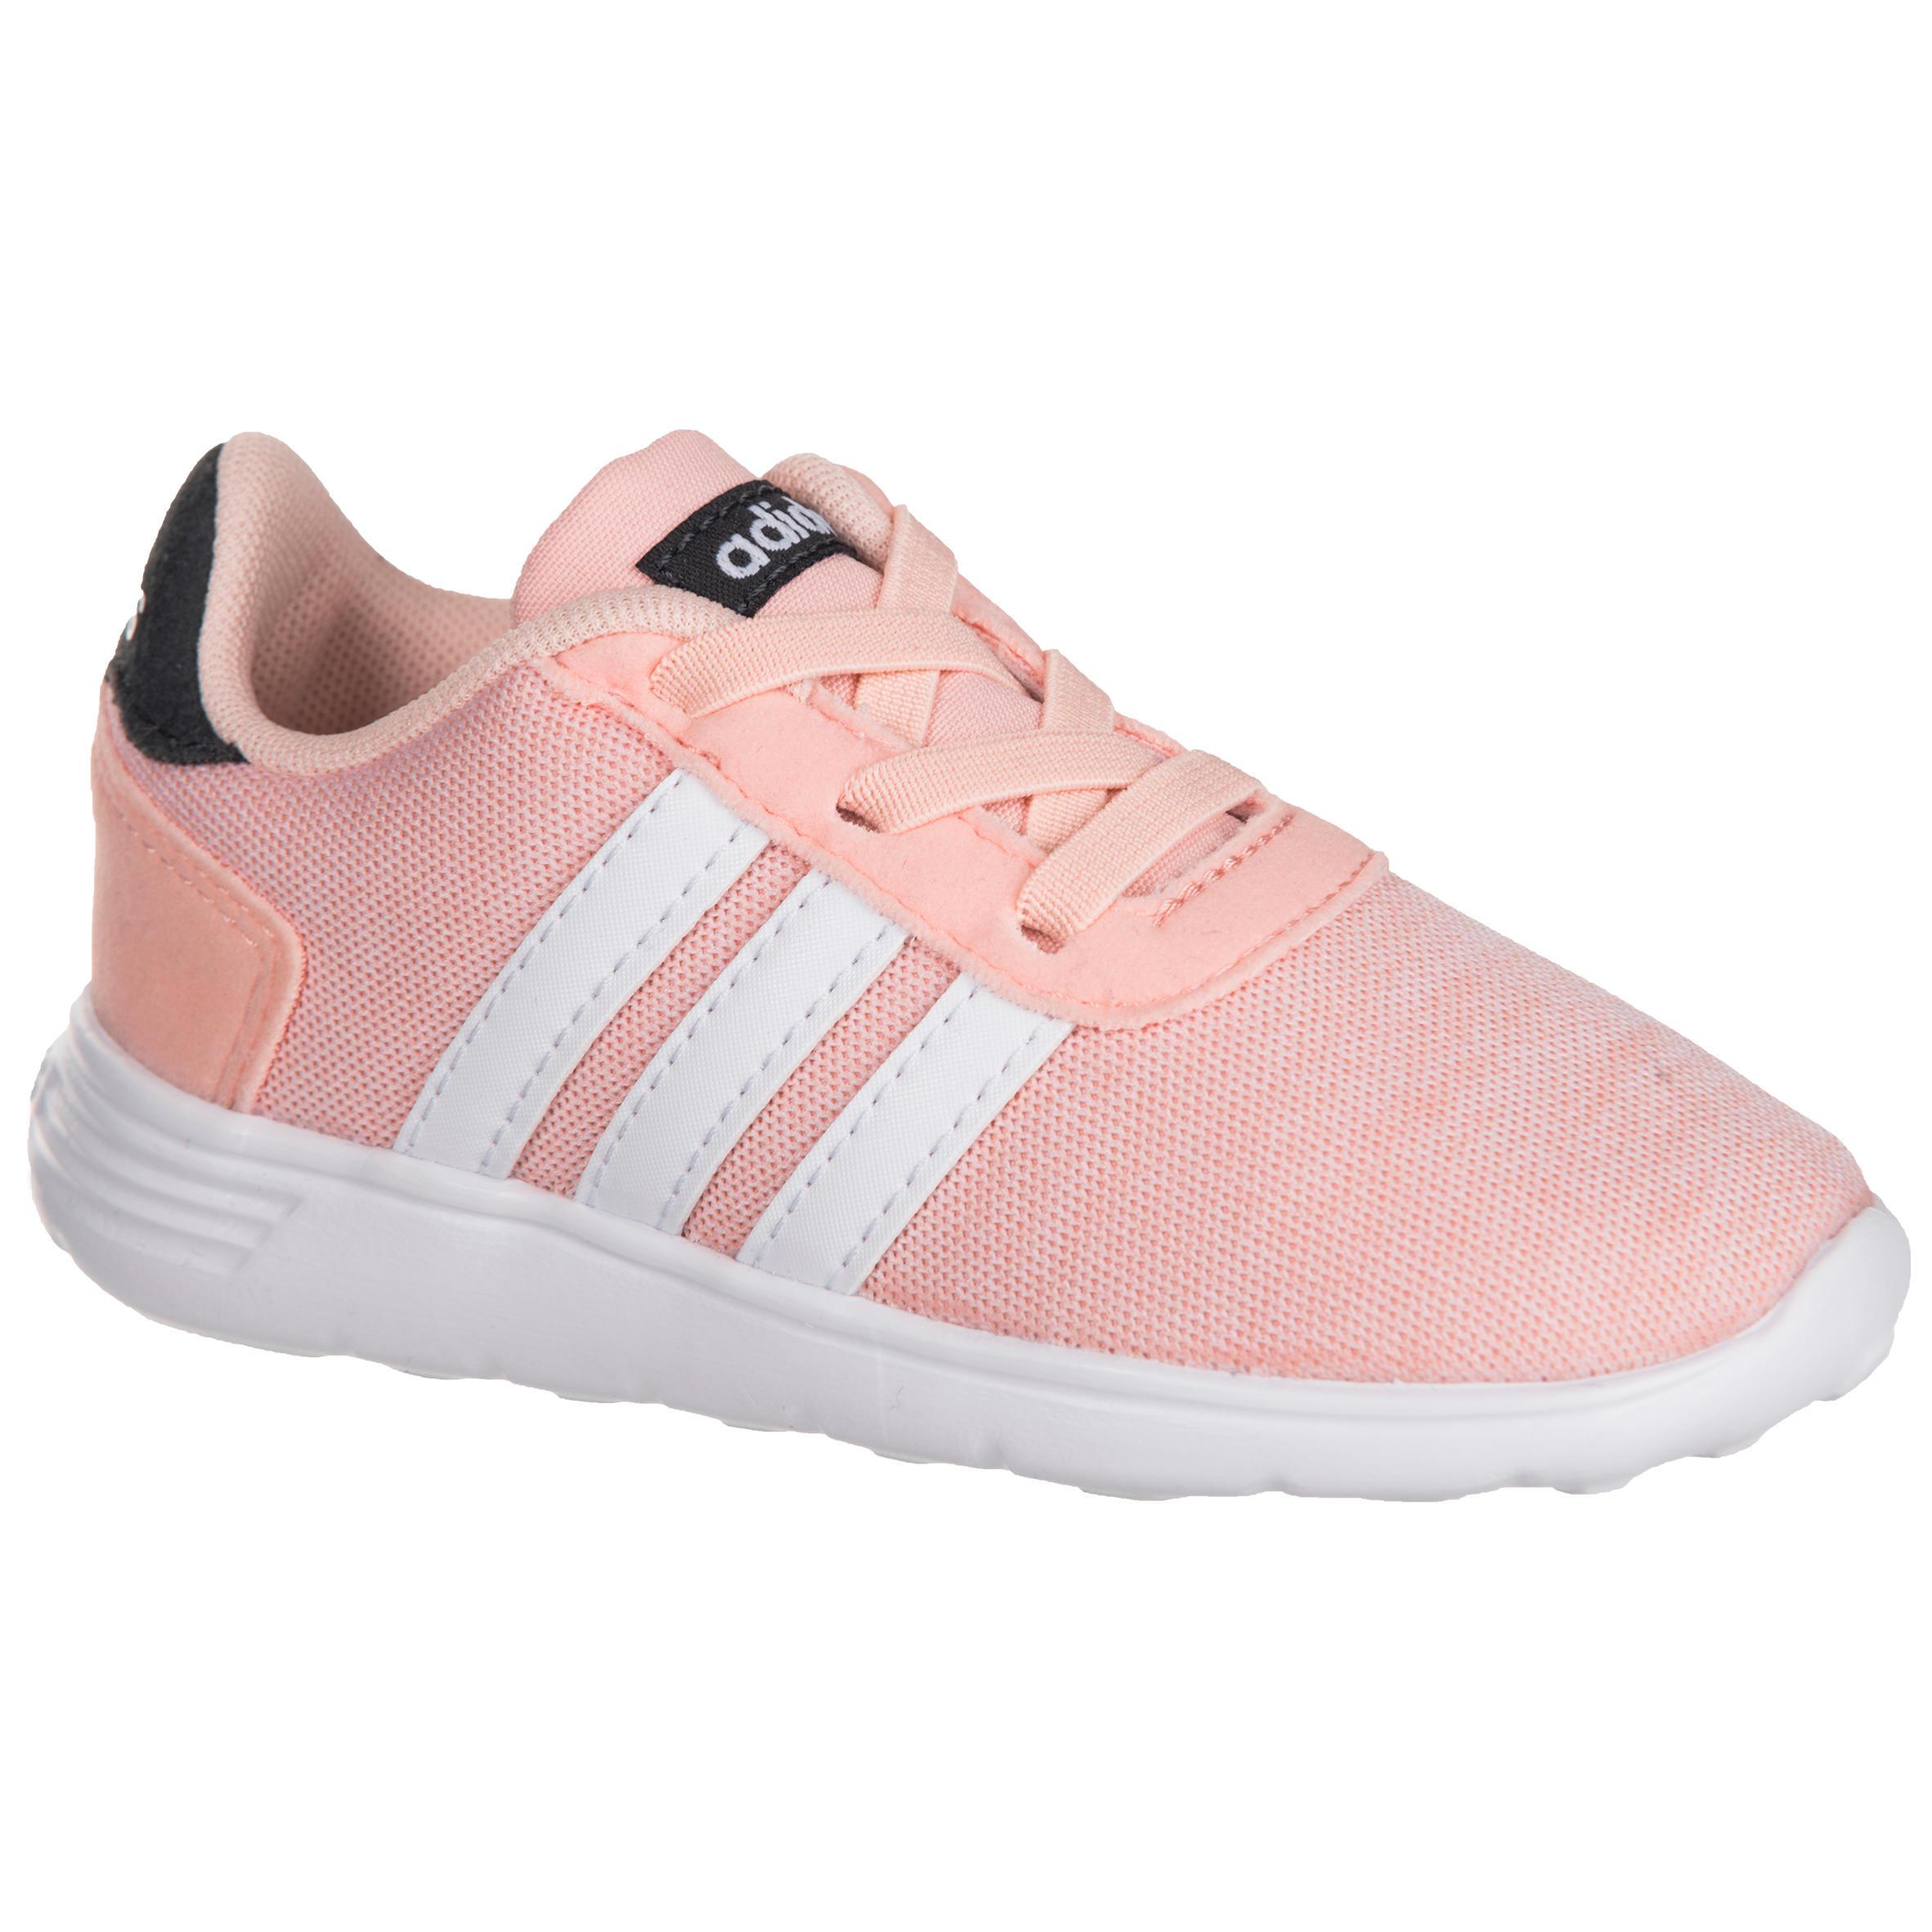 Adidas Adidas Lite Racer voor meisjes G1 18